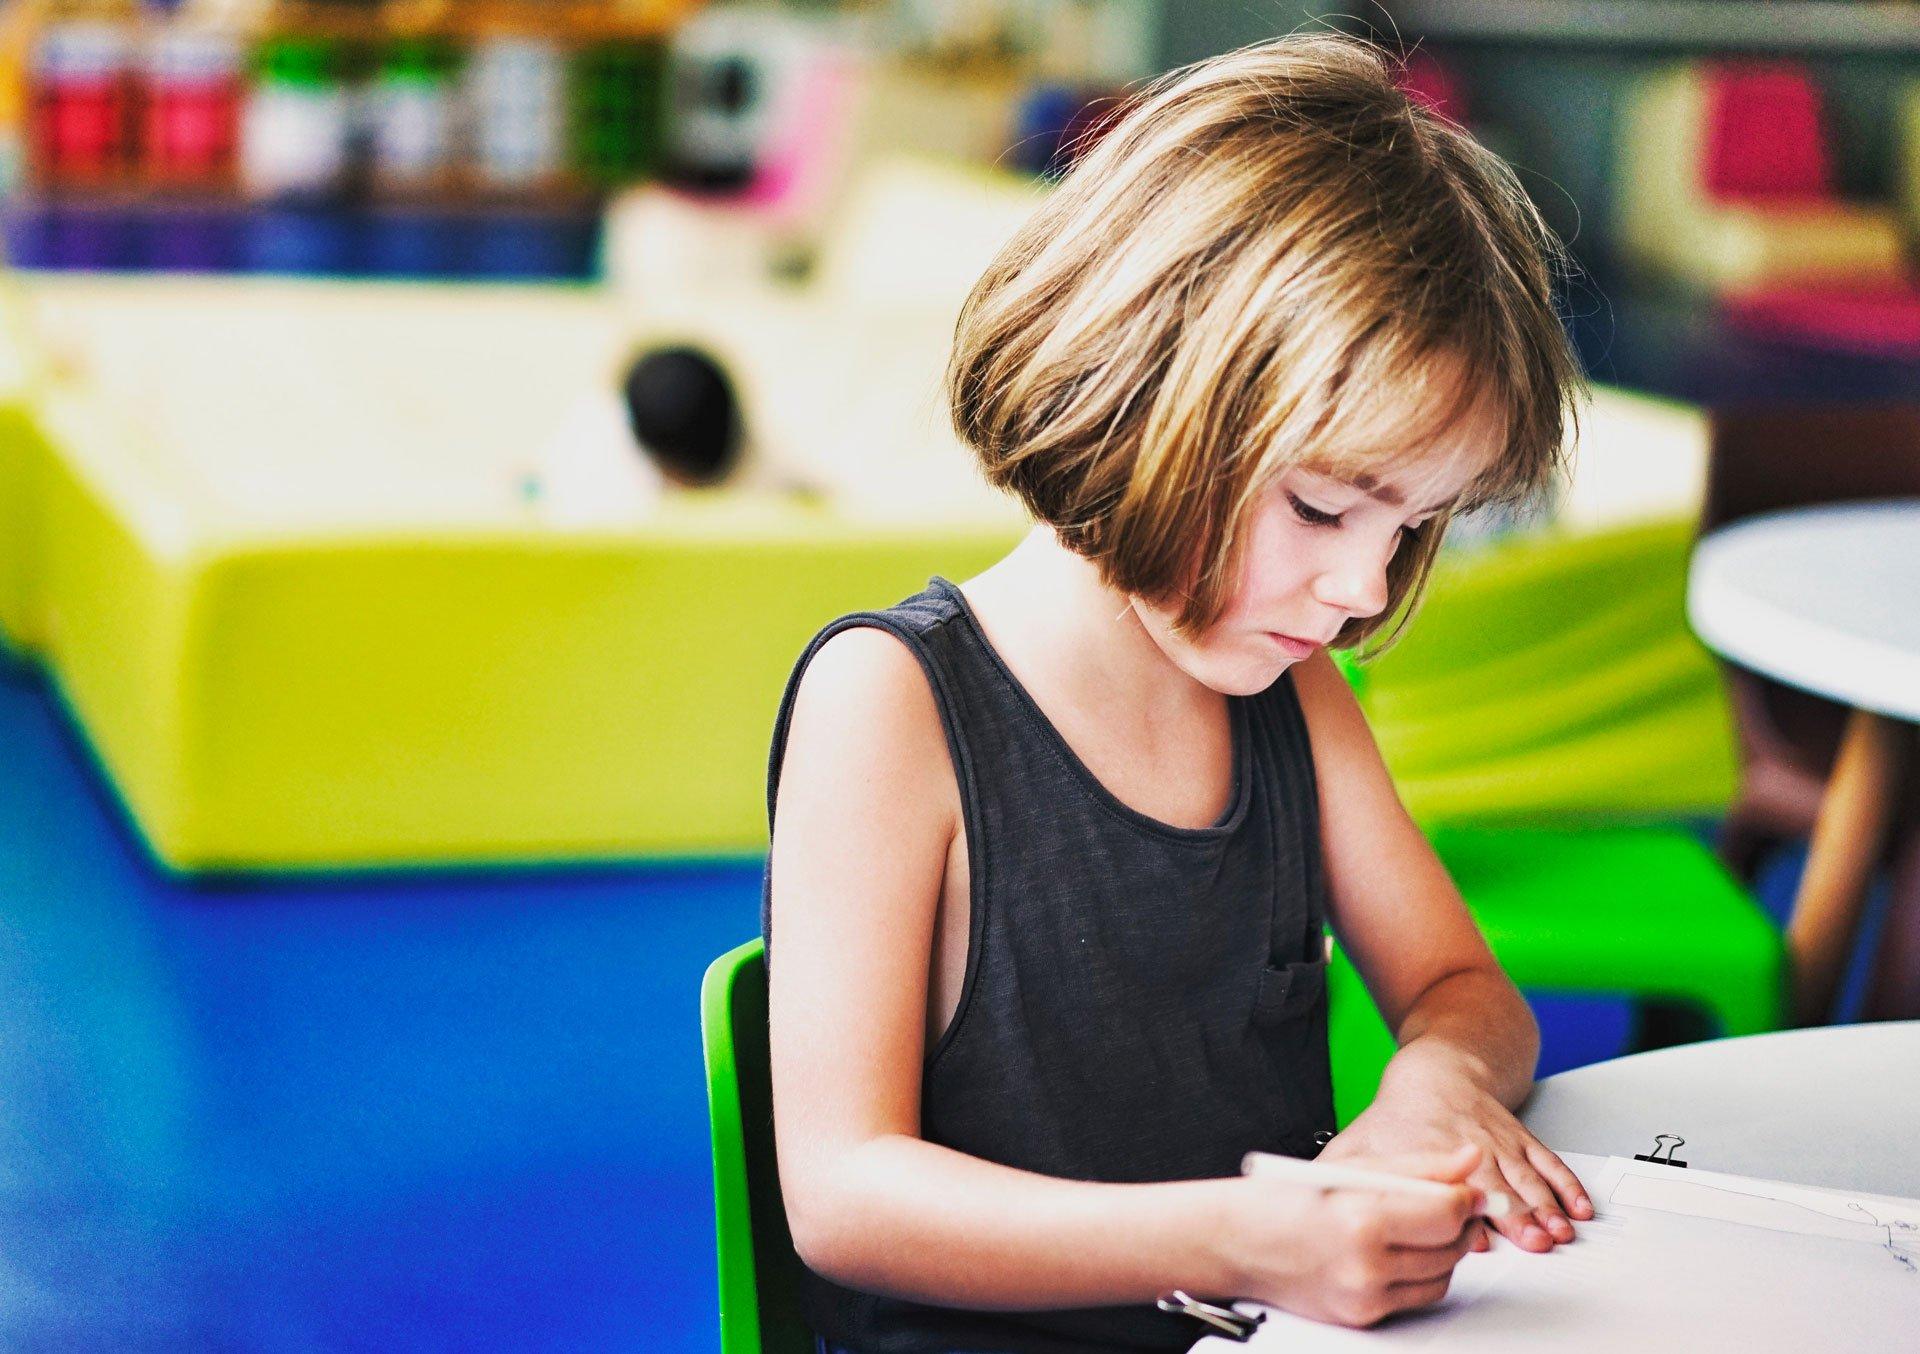 L'immagine rappresenta una bambina, sola in aula, che scrive